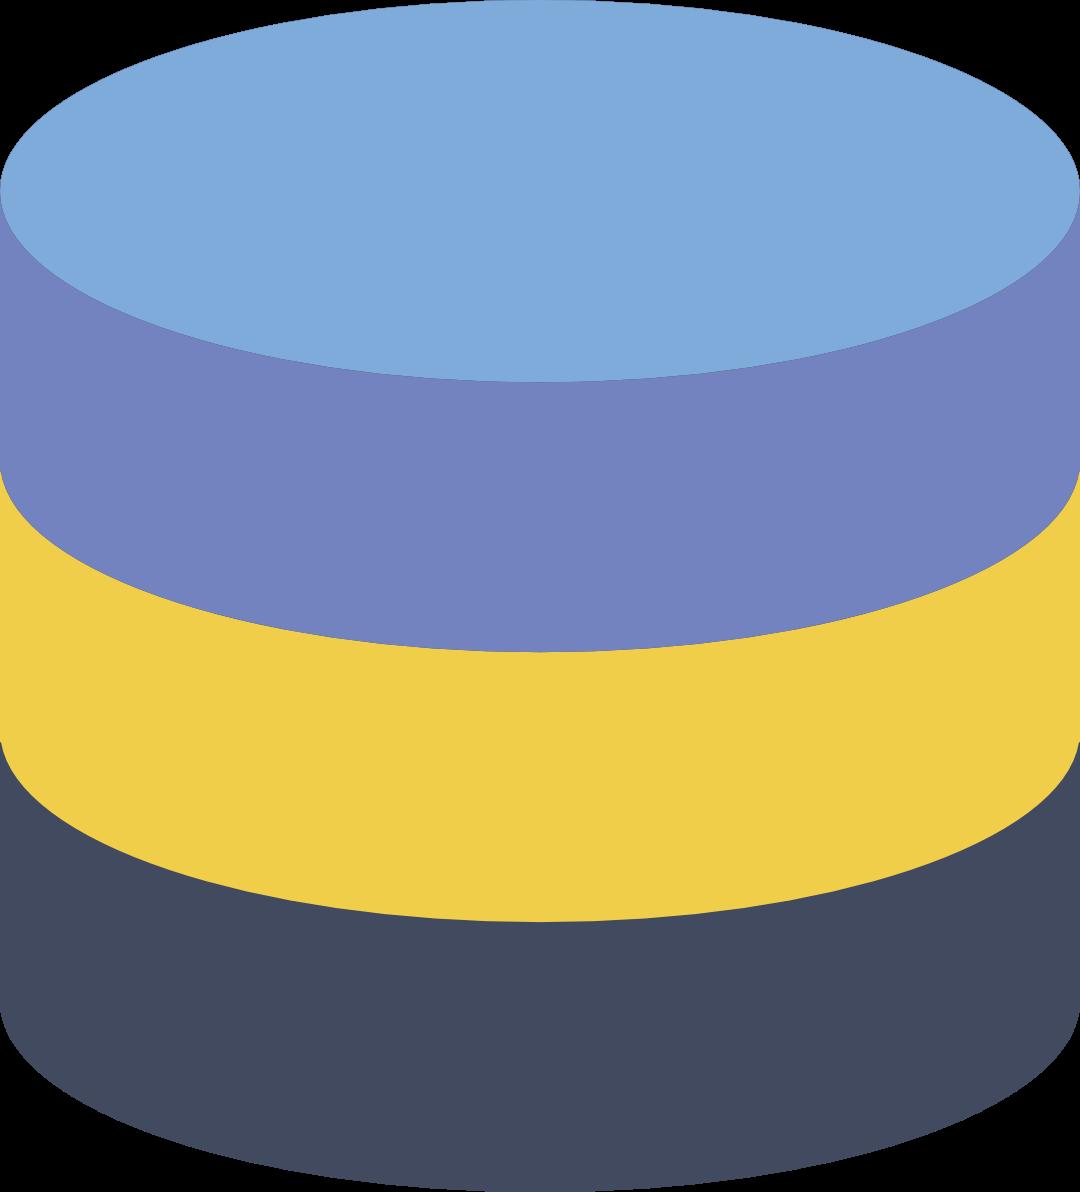 optimize database response